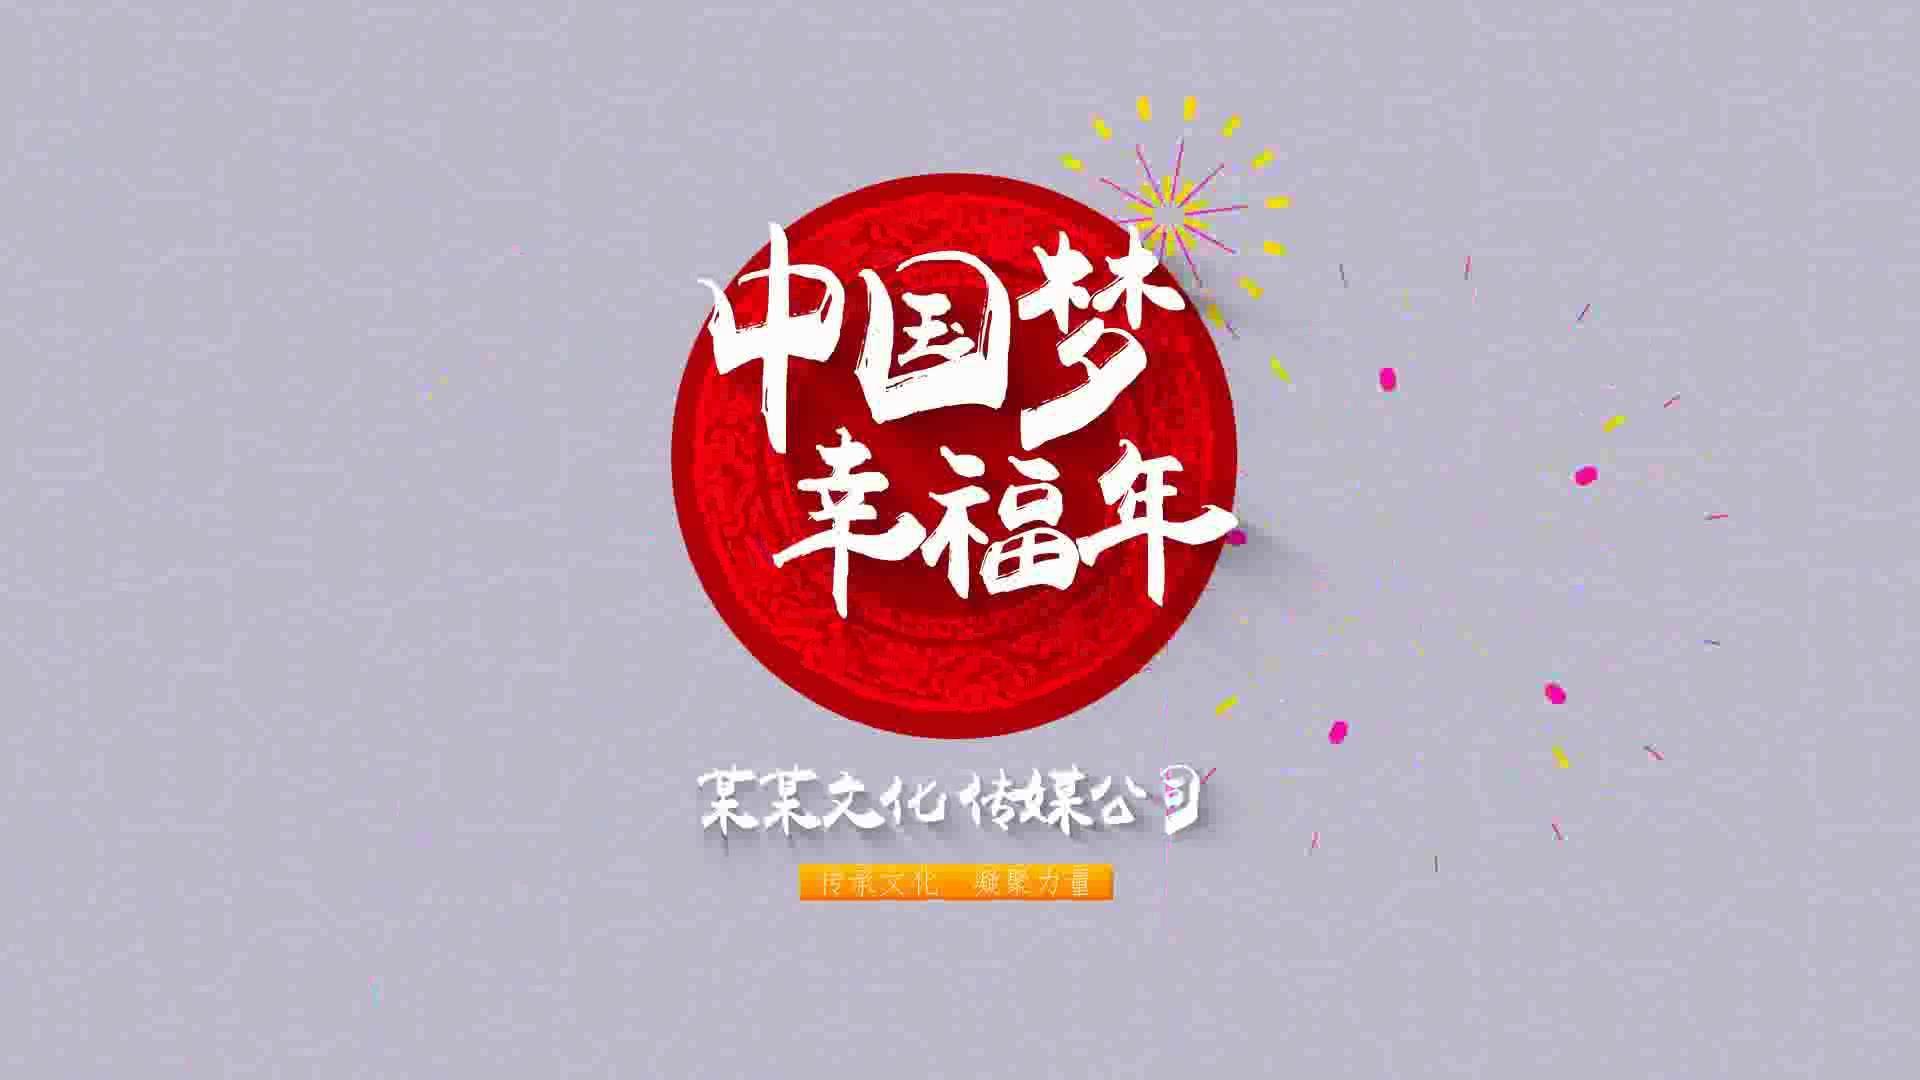 2019年幸福中国年片头片尾AE模板